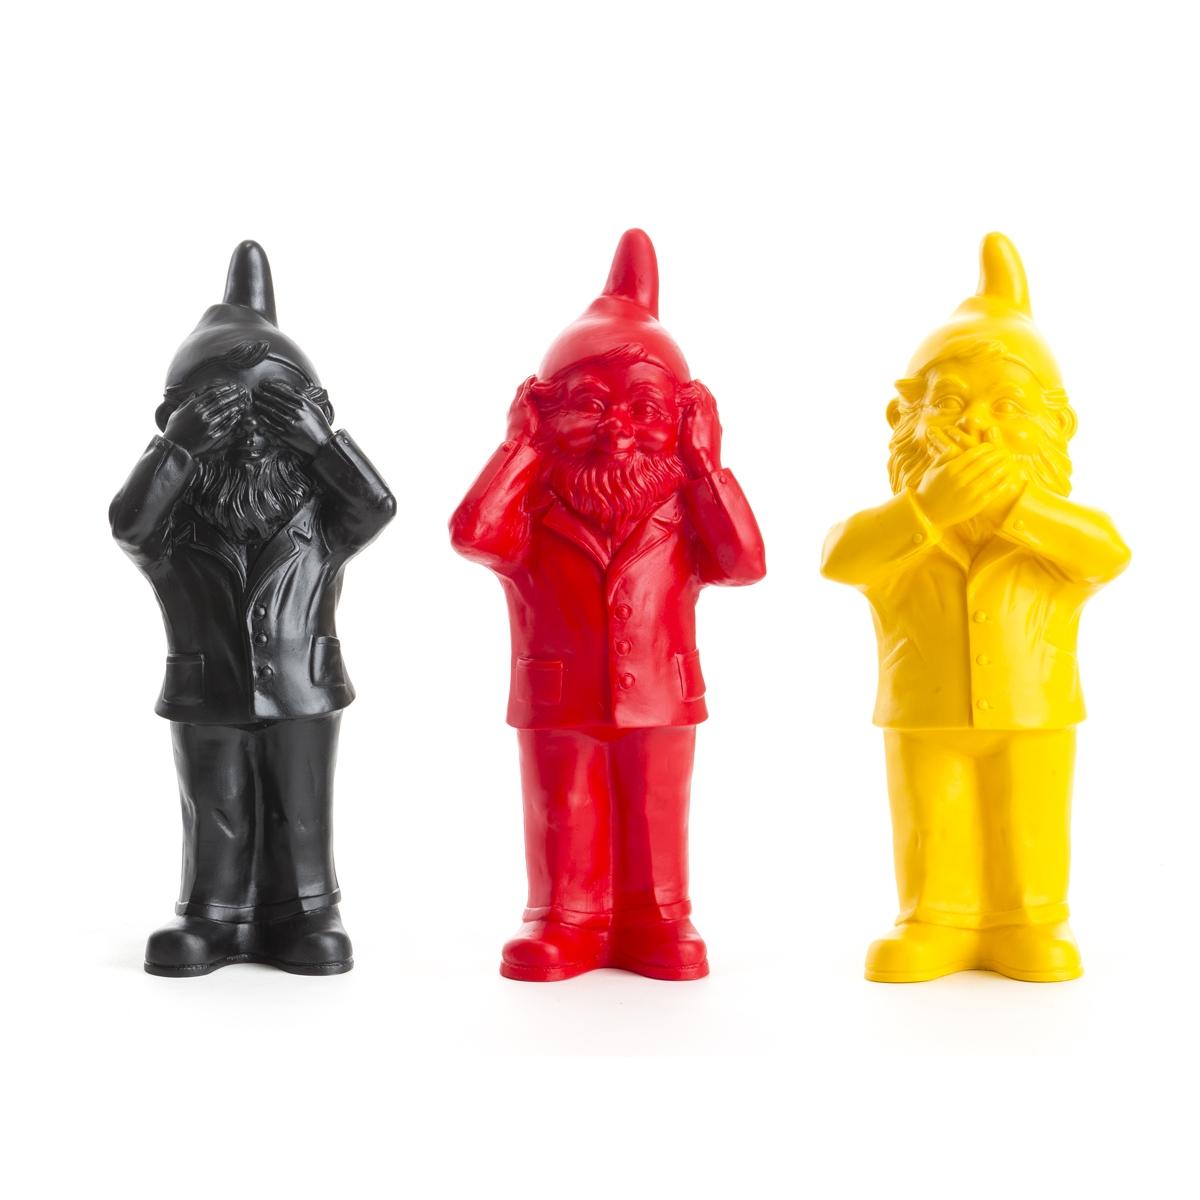 Les 3 Nains de jardin de Ottmar Hörl, Ne rien voir, ne rien entendre, ne rien dire, Noir, Jaune, Rouge